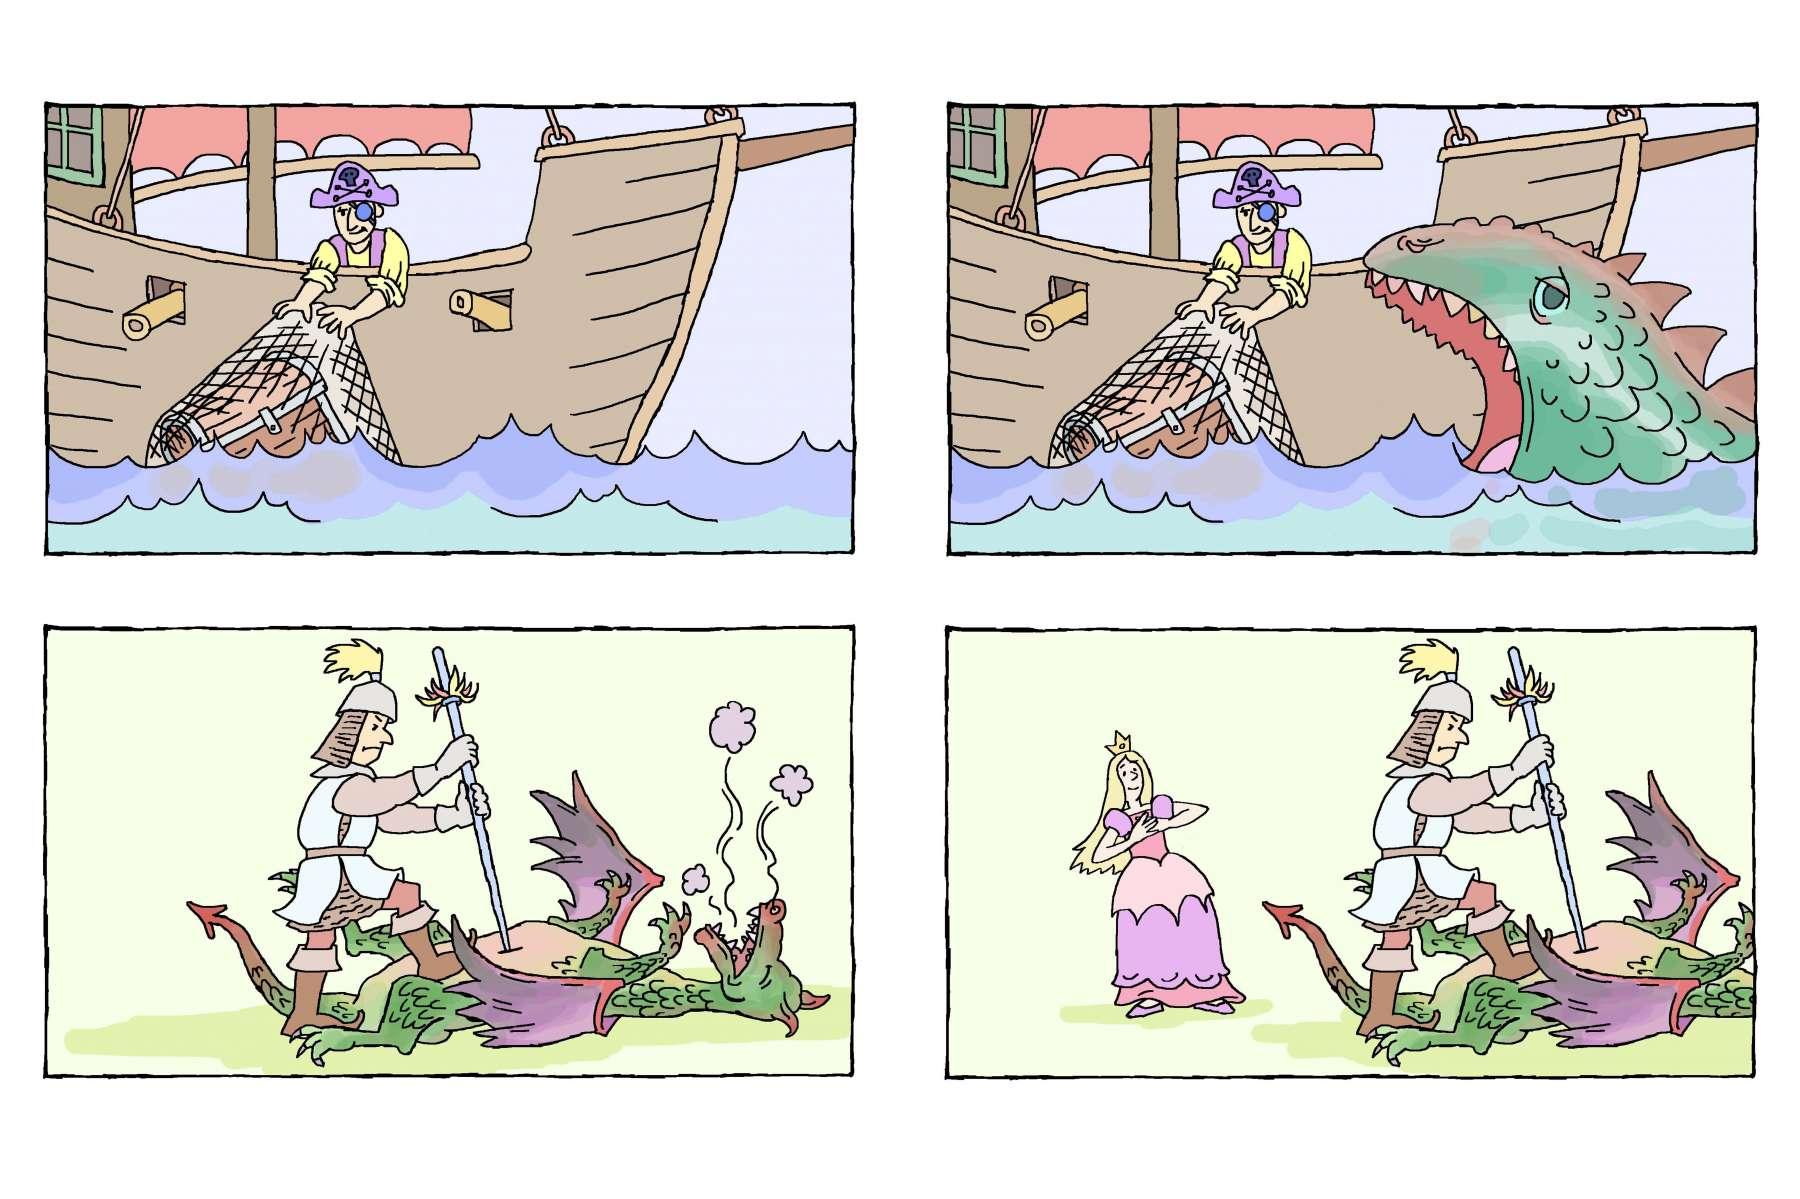 """Duits grammaticaspel volgens wetenschappelijke methode van Edith Schlag. Met 625 kaarten worden taalstructuren spelenderwijs duidelijk gemaakt. <br><a href=""""http://www.edithschlag.de/"""" target=""""_blank""""> www.edithschlag.de</a><br>de piraat vangt een schat - de piraat vangt een schat voor het zeemonster<br>de ridder doodt de draak - de ridder doodt de draak voor de prinses"""